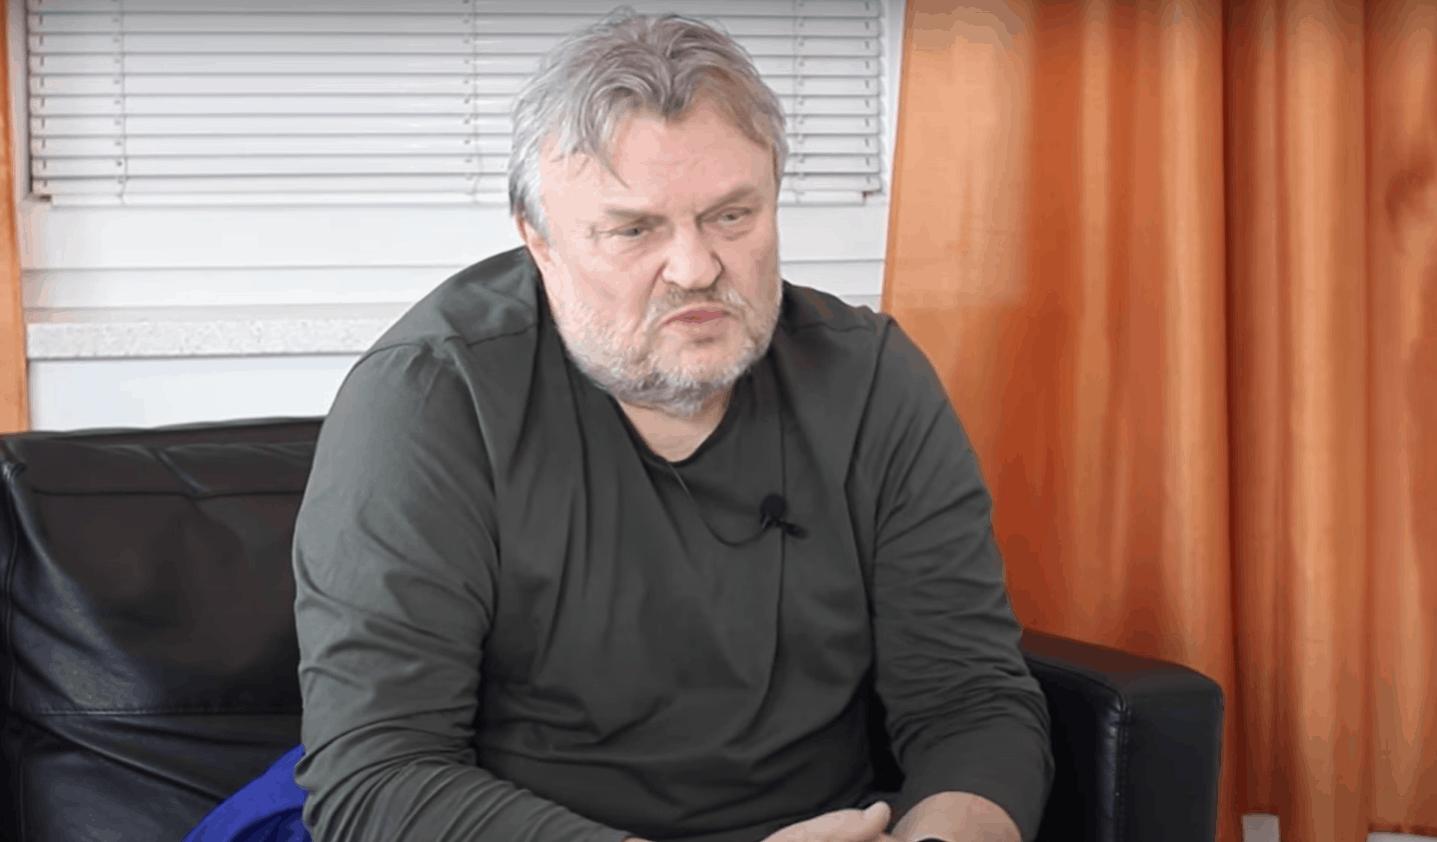 """Krzysztof Cugowski martwi się o syna, ze względu na koronawirus jego syn, """"Junior"""" został w Polsce, jednak planuje wracać do Wielkiej Brytanii"""